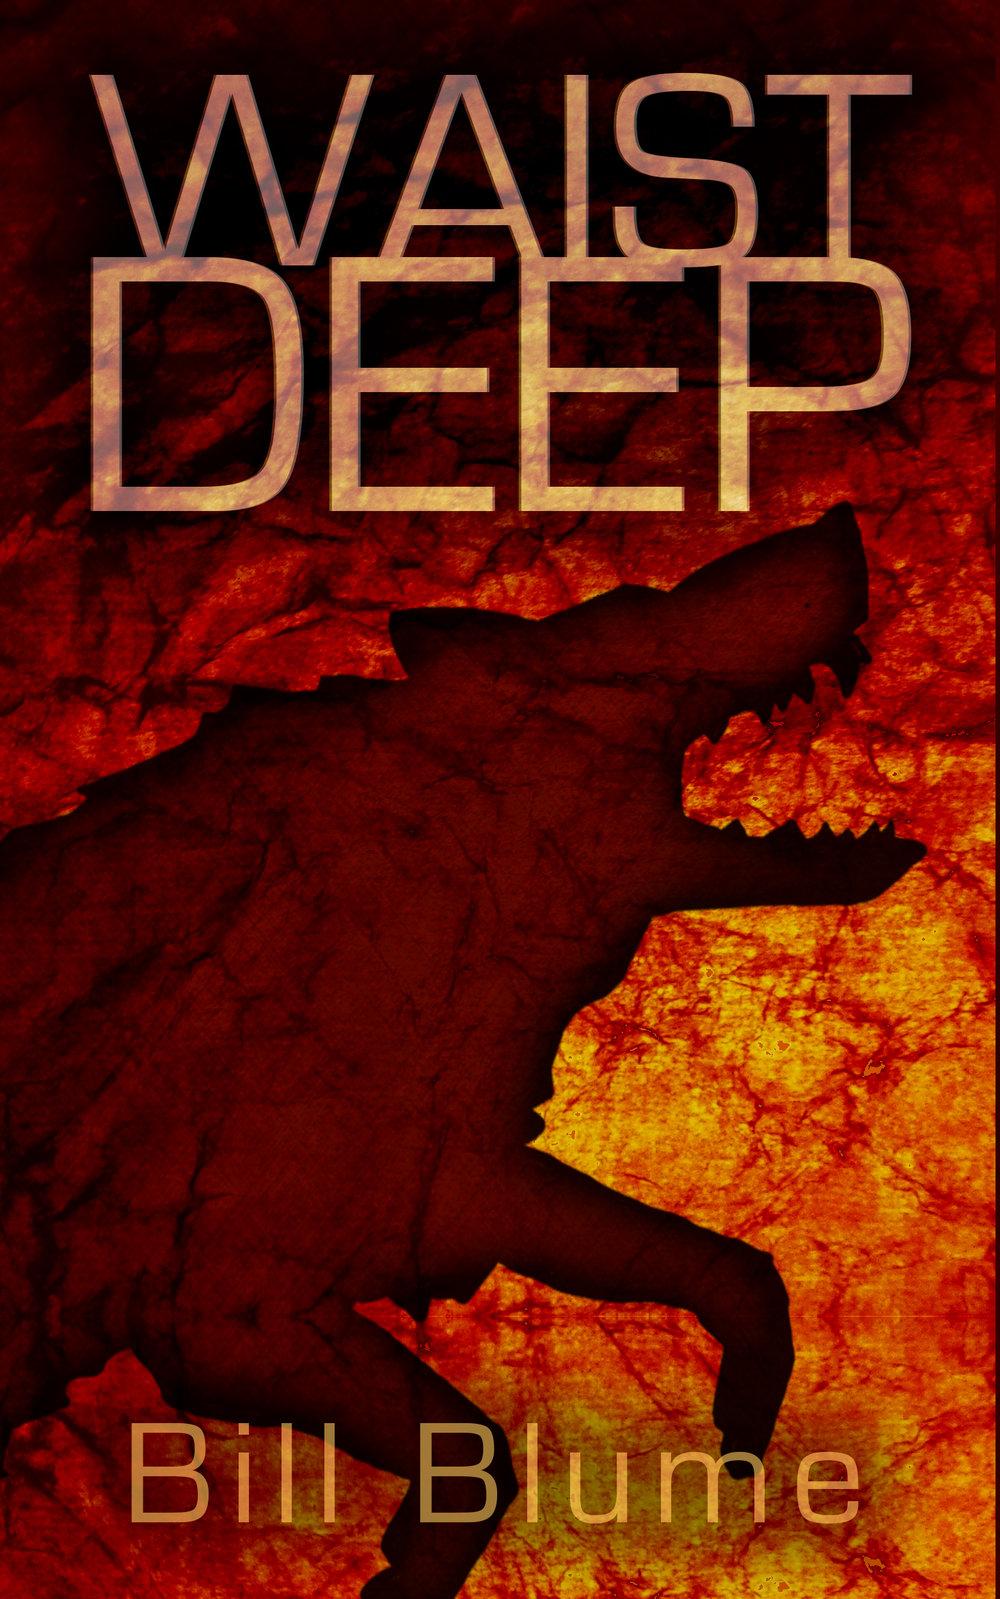 Waist Deep by Bill Blume